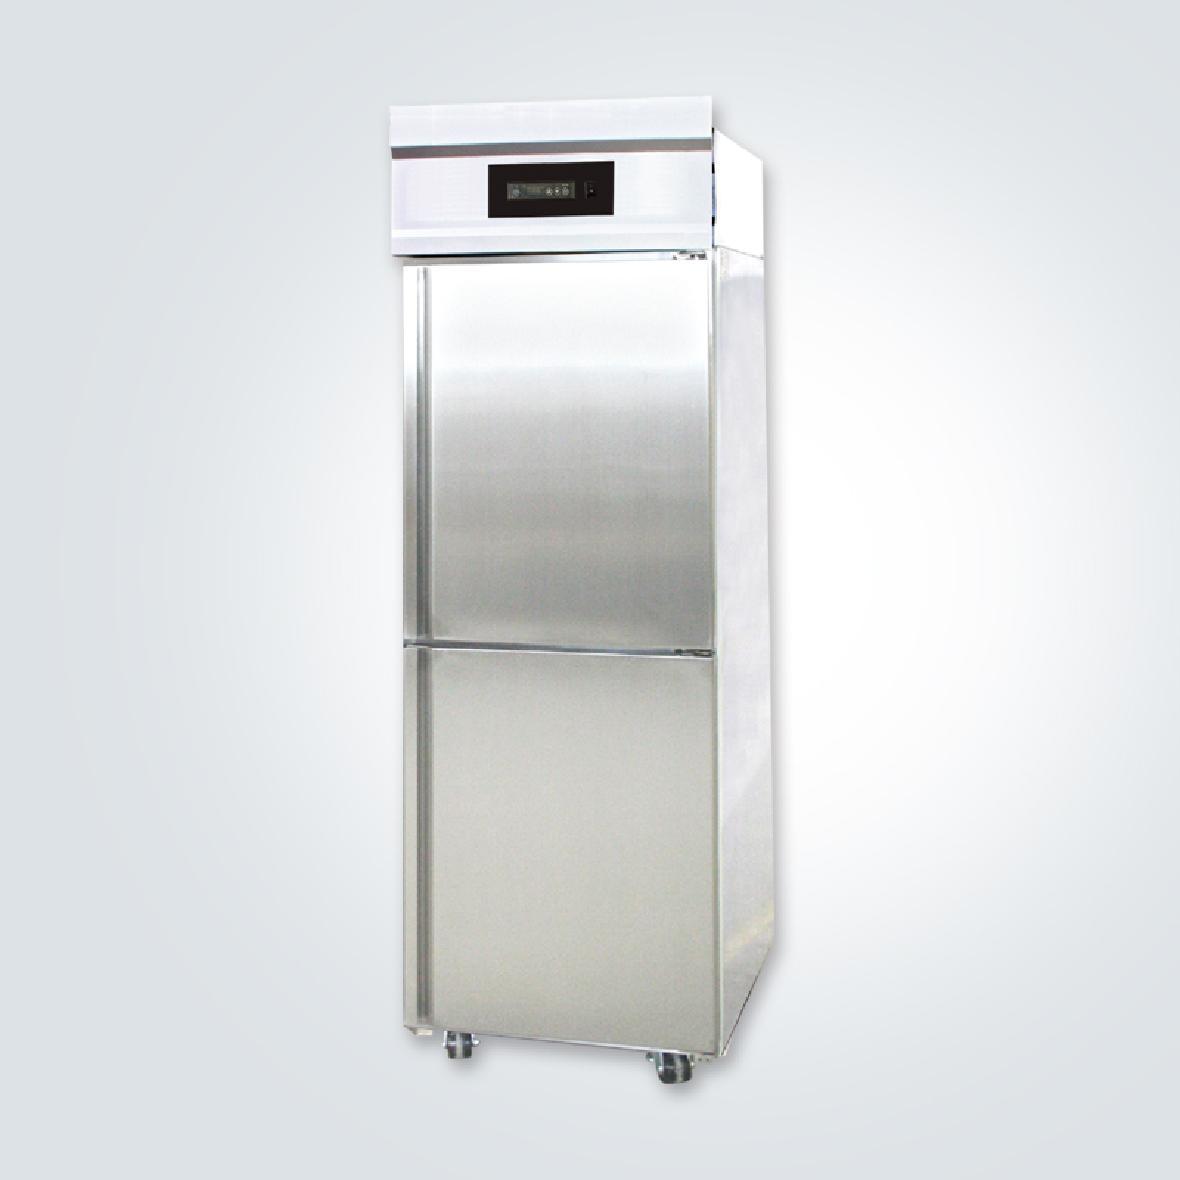 SC36-C2-T1 插盤式冰箱 (現烤店用)